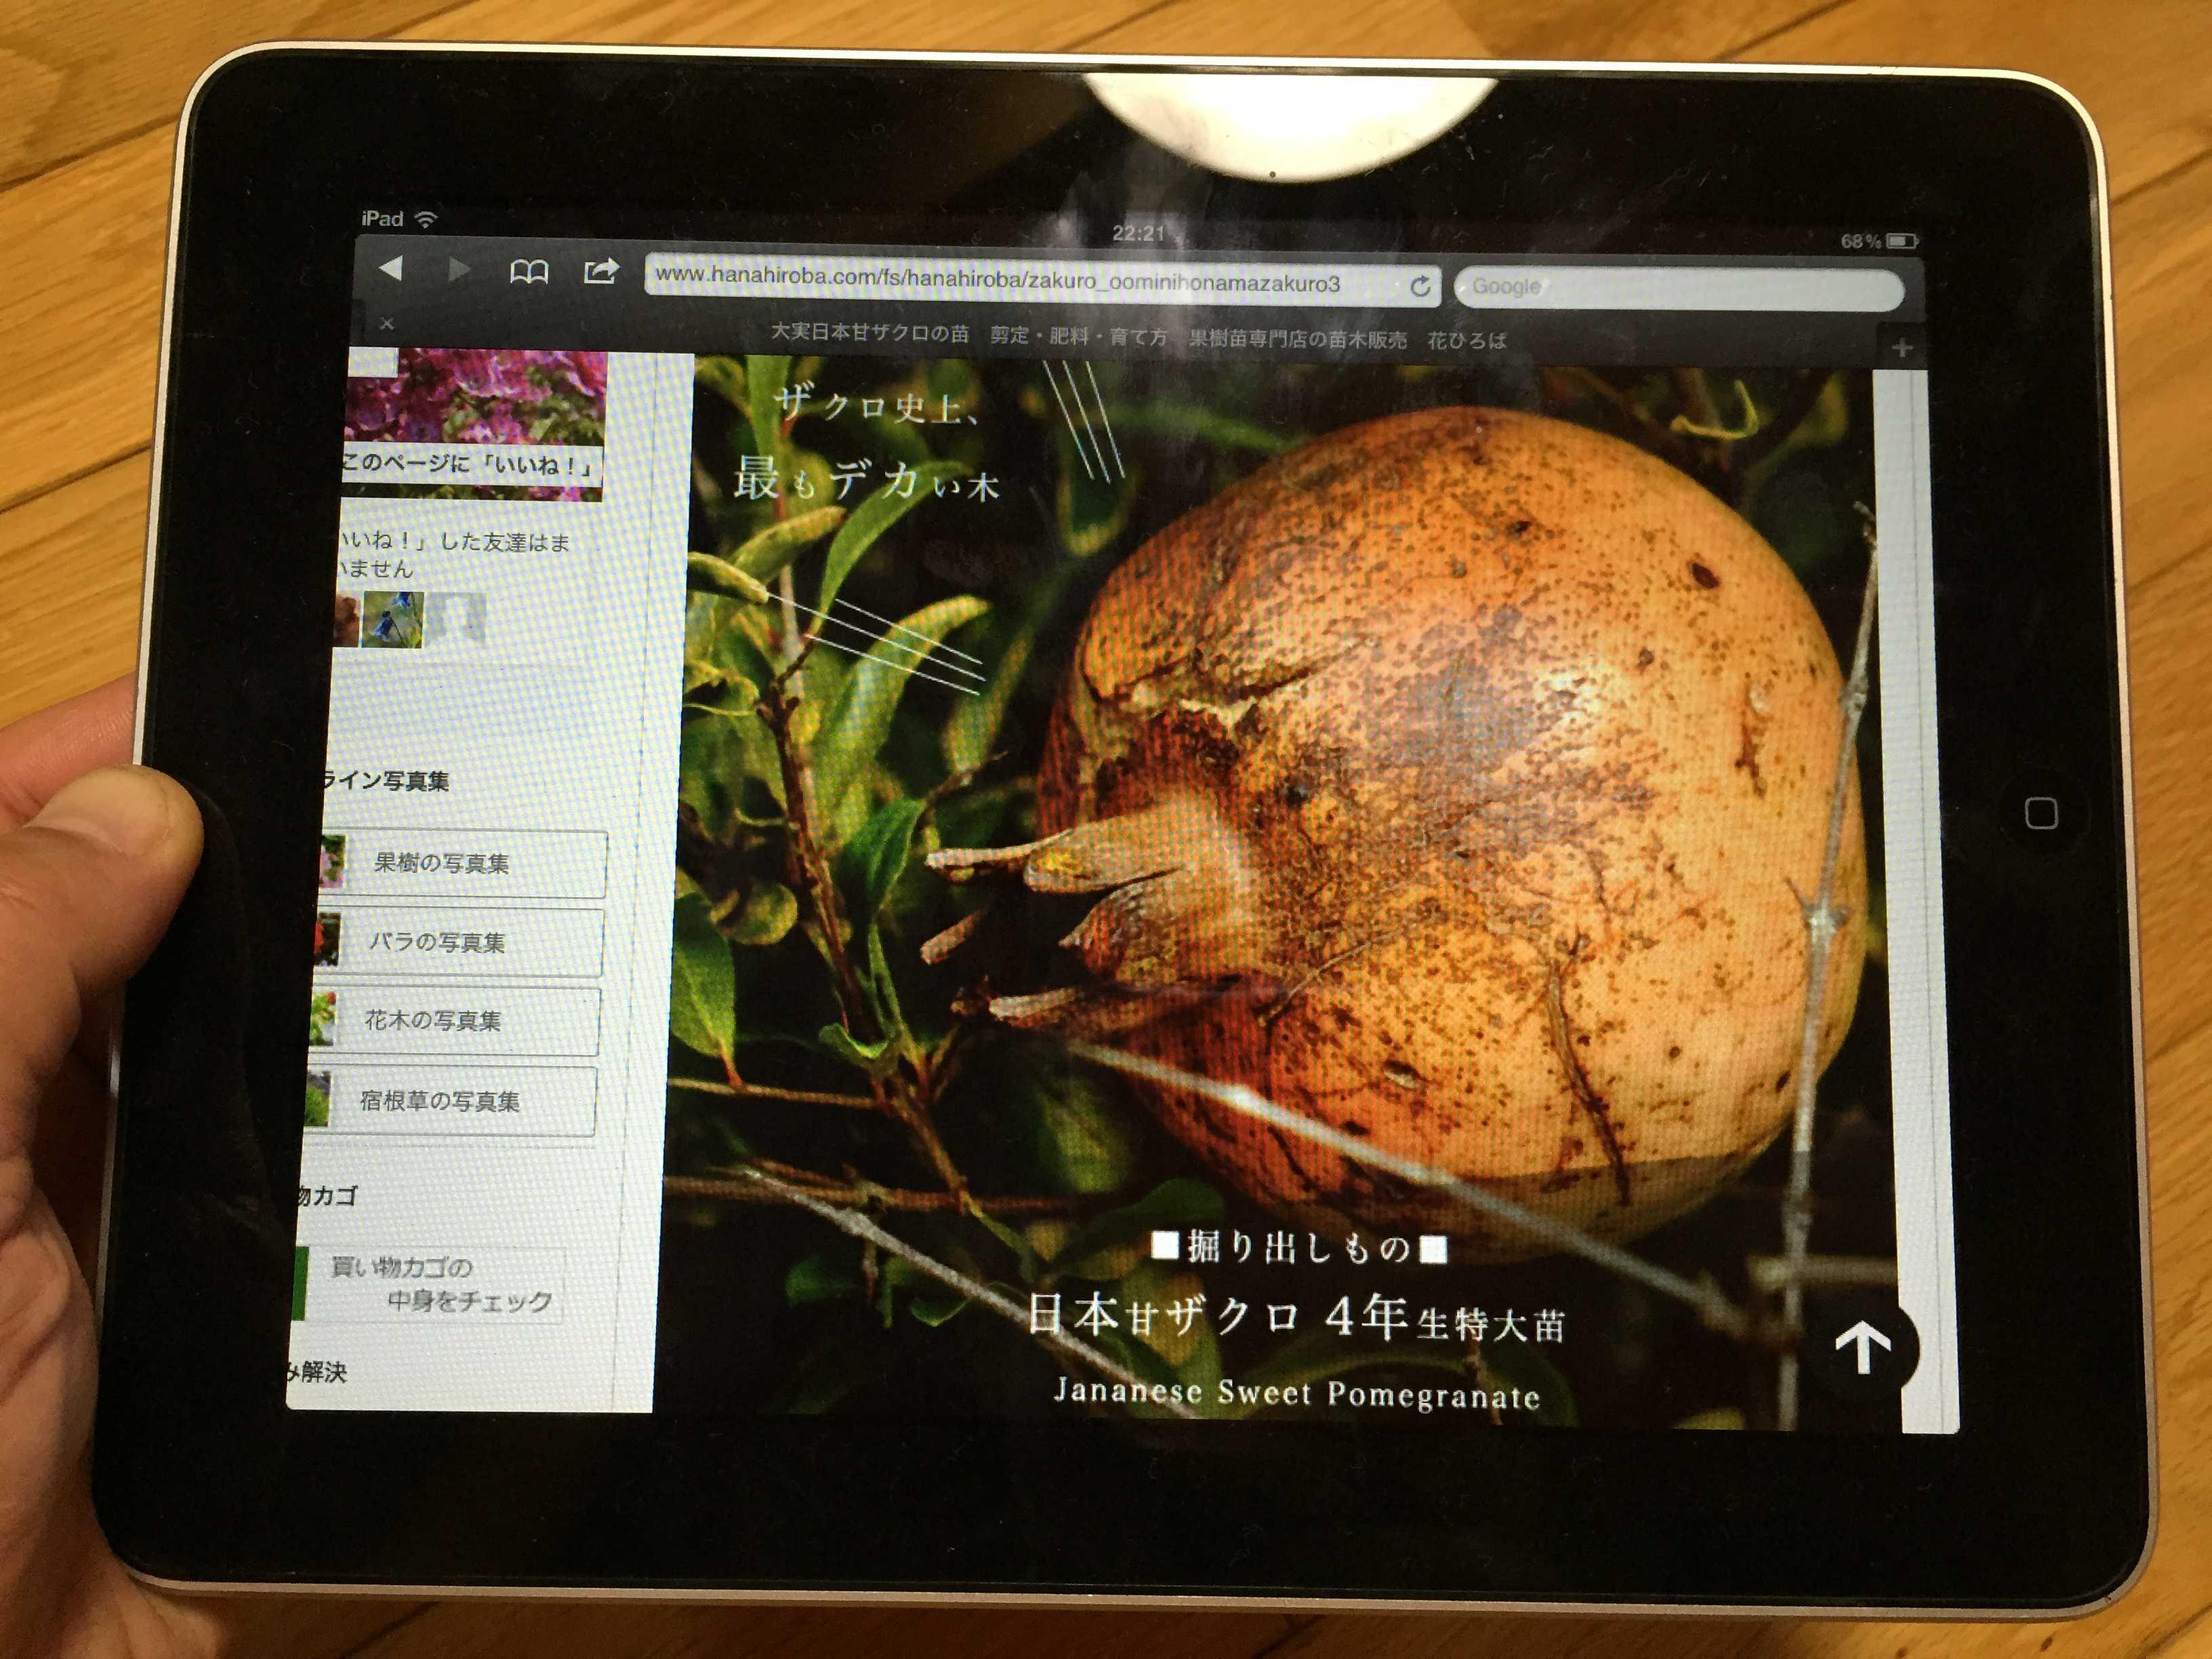 日本甘ザクロ(Japanese Sweet Pomegranate)